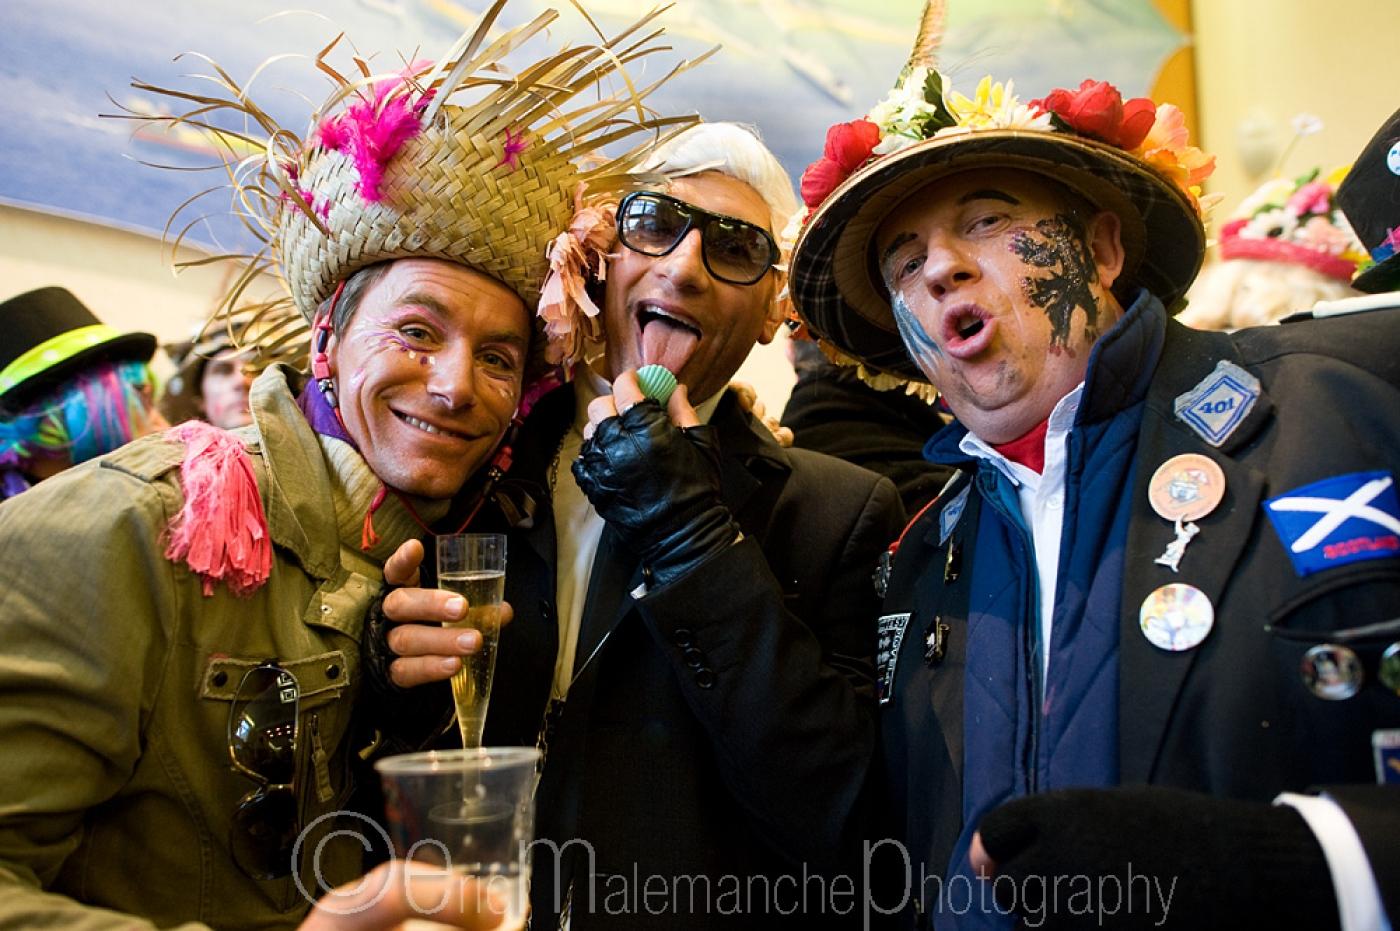 http://www.ericmalemanche.com/imagess/topics/carnaval-de-dunkerque/liste/Carnaval-Dunkerque-1589.jpg